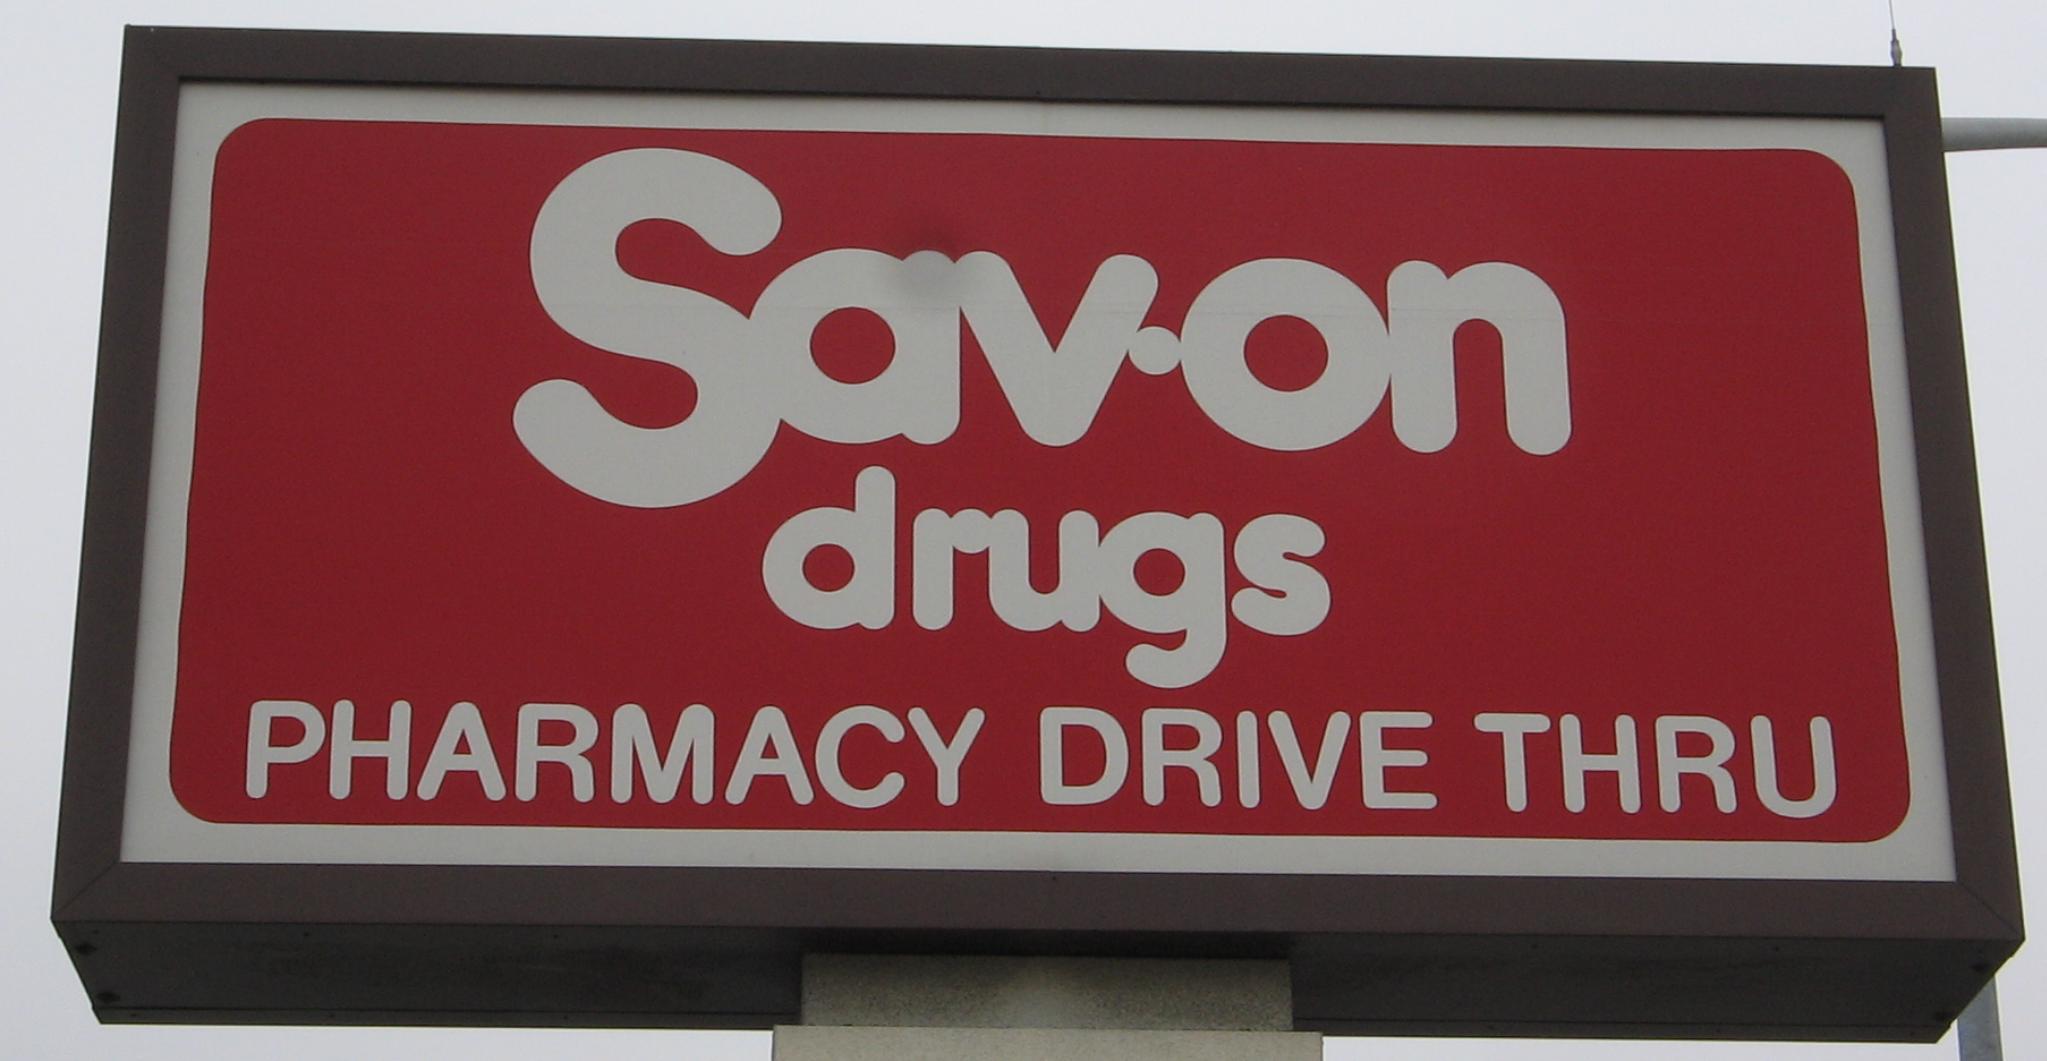 Savon Drugs Store